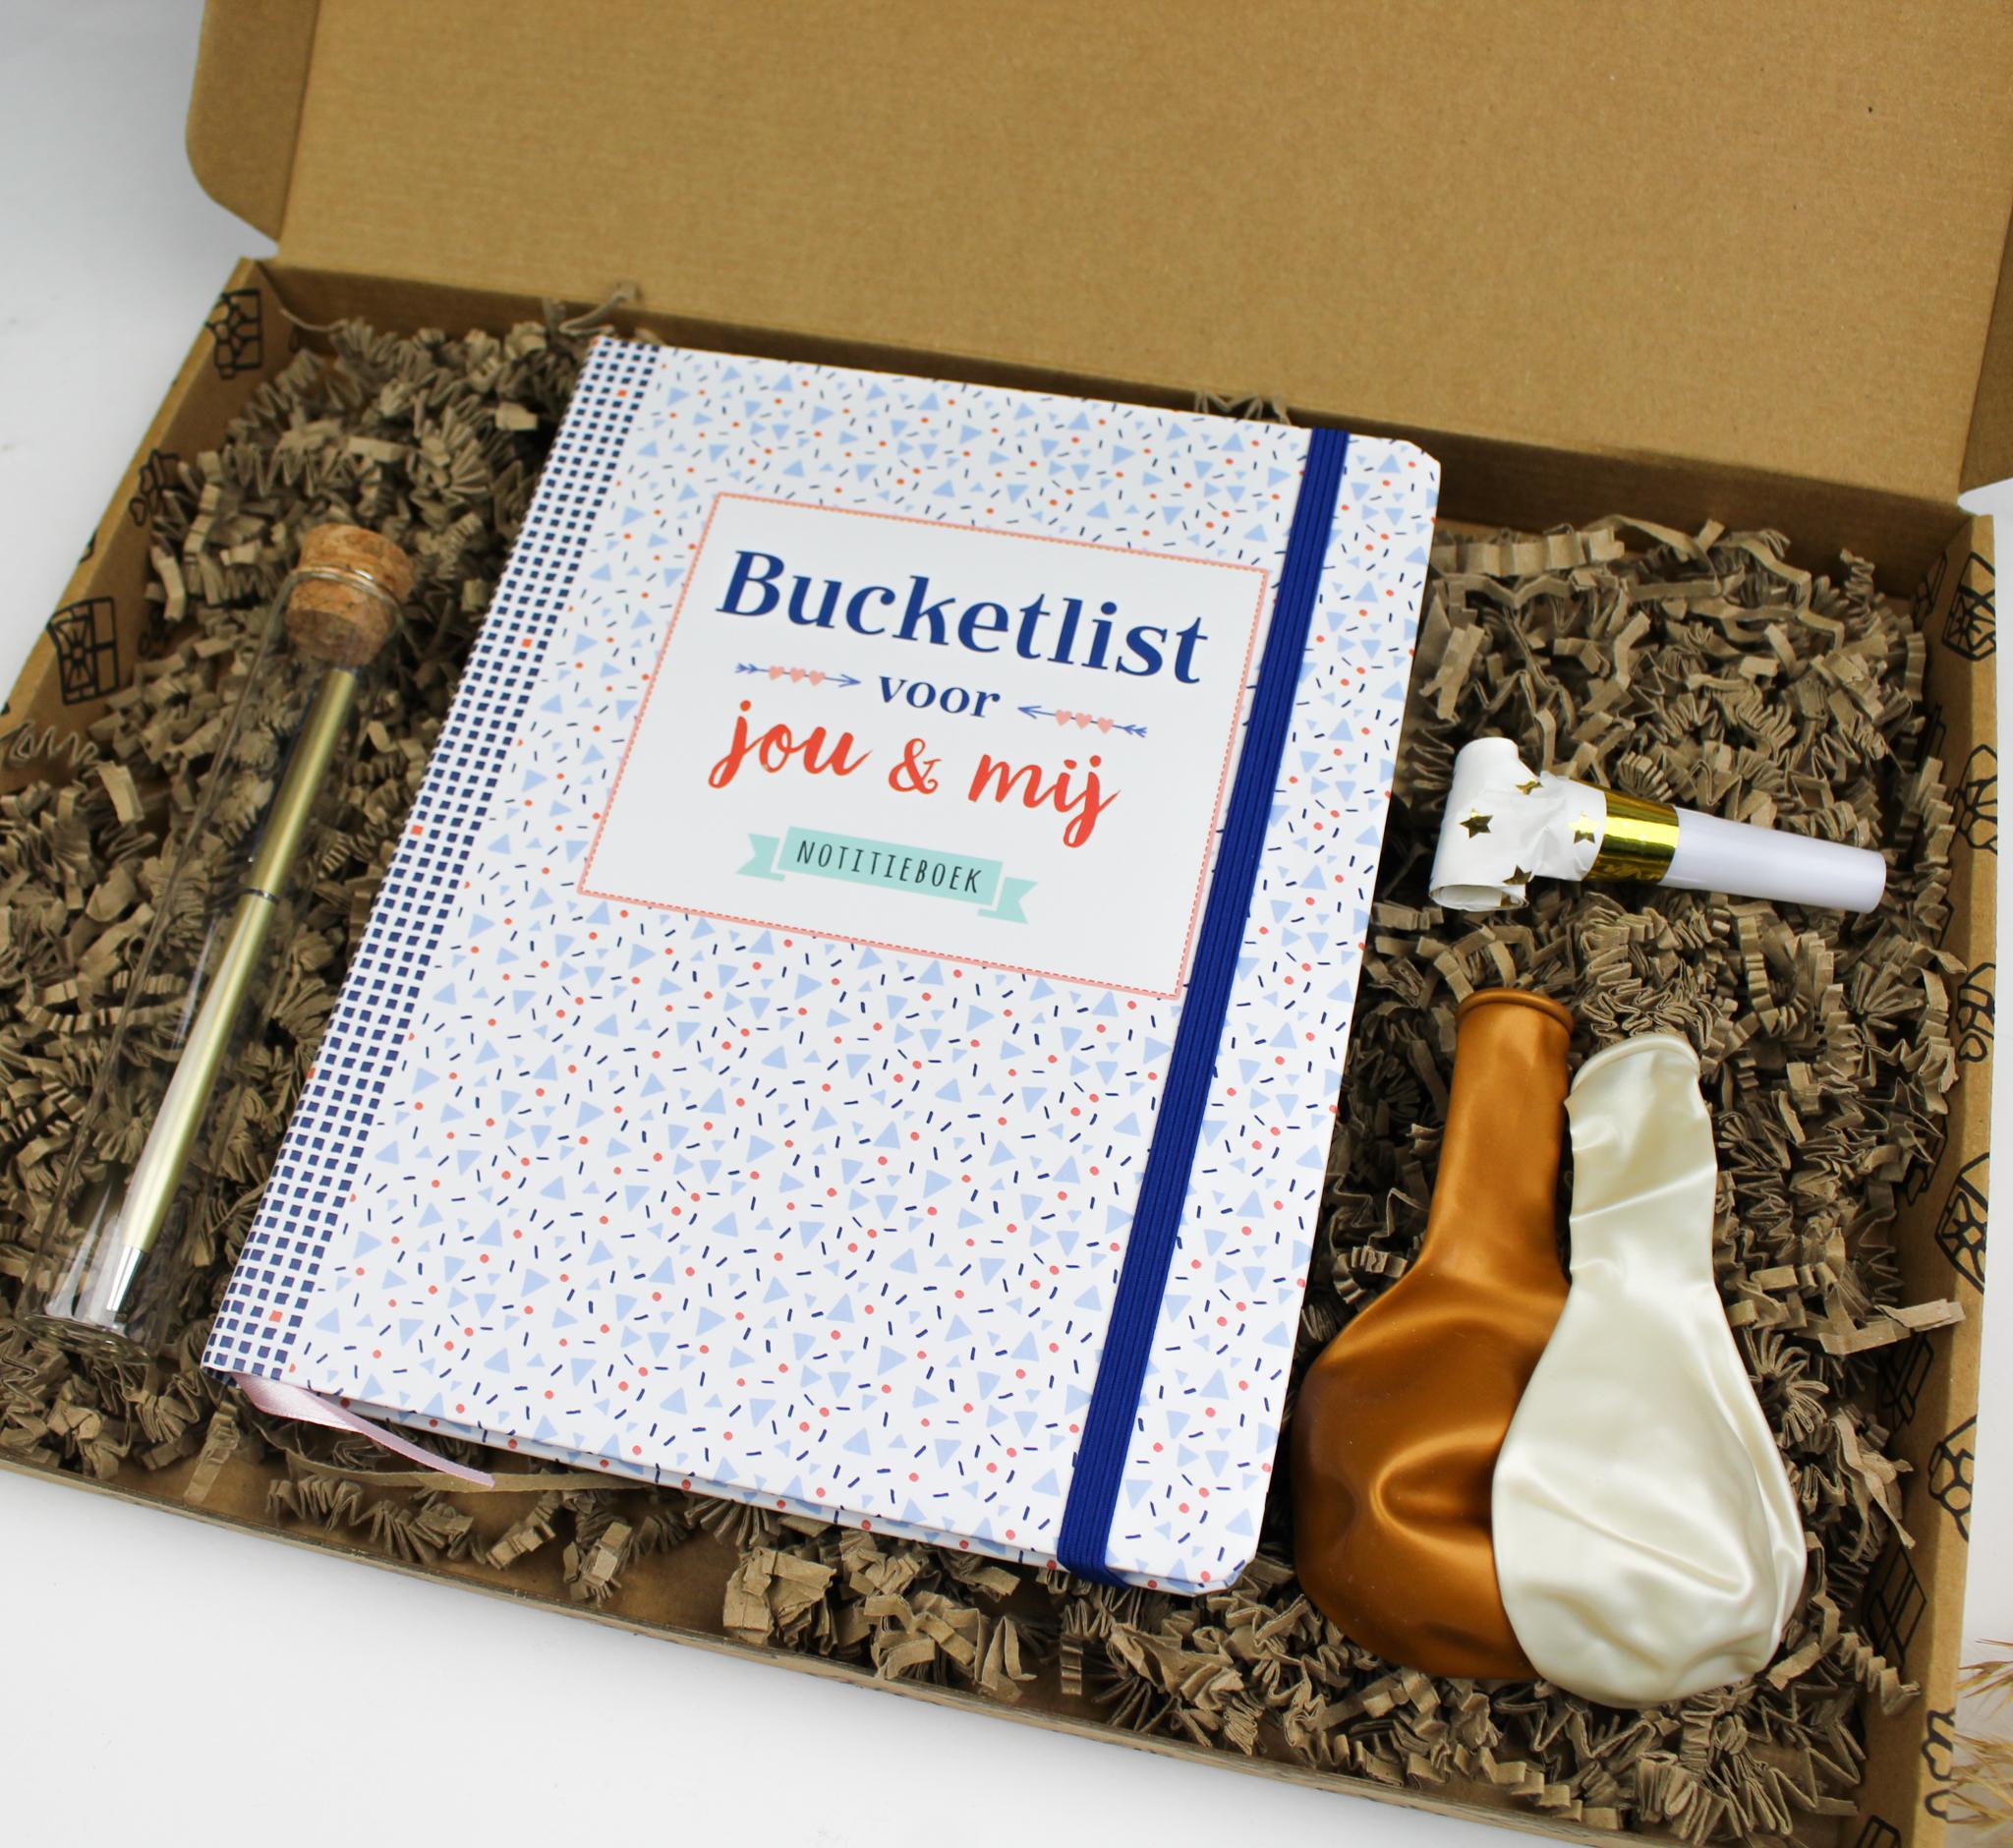 cadeau cadeaupakketten cadeaupakket ideefabriek verjaardag bucketlist samen bucketlistboek